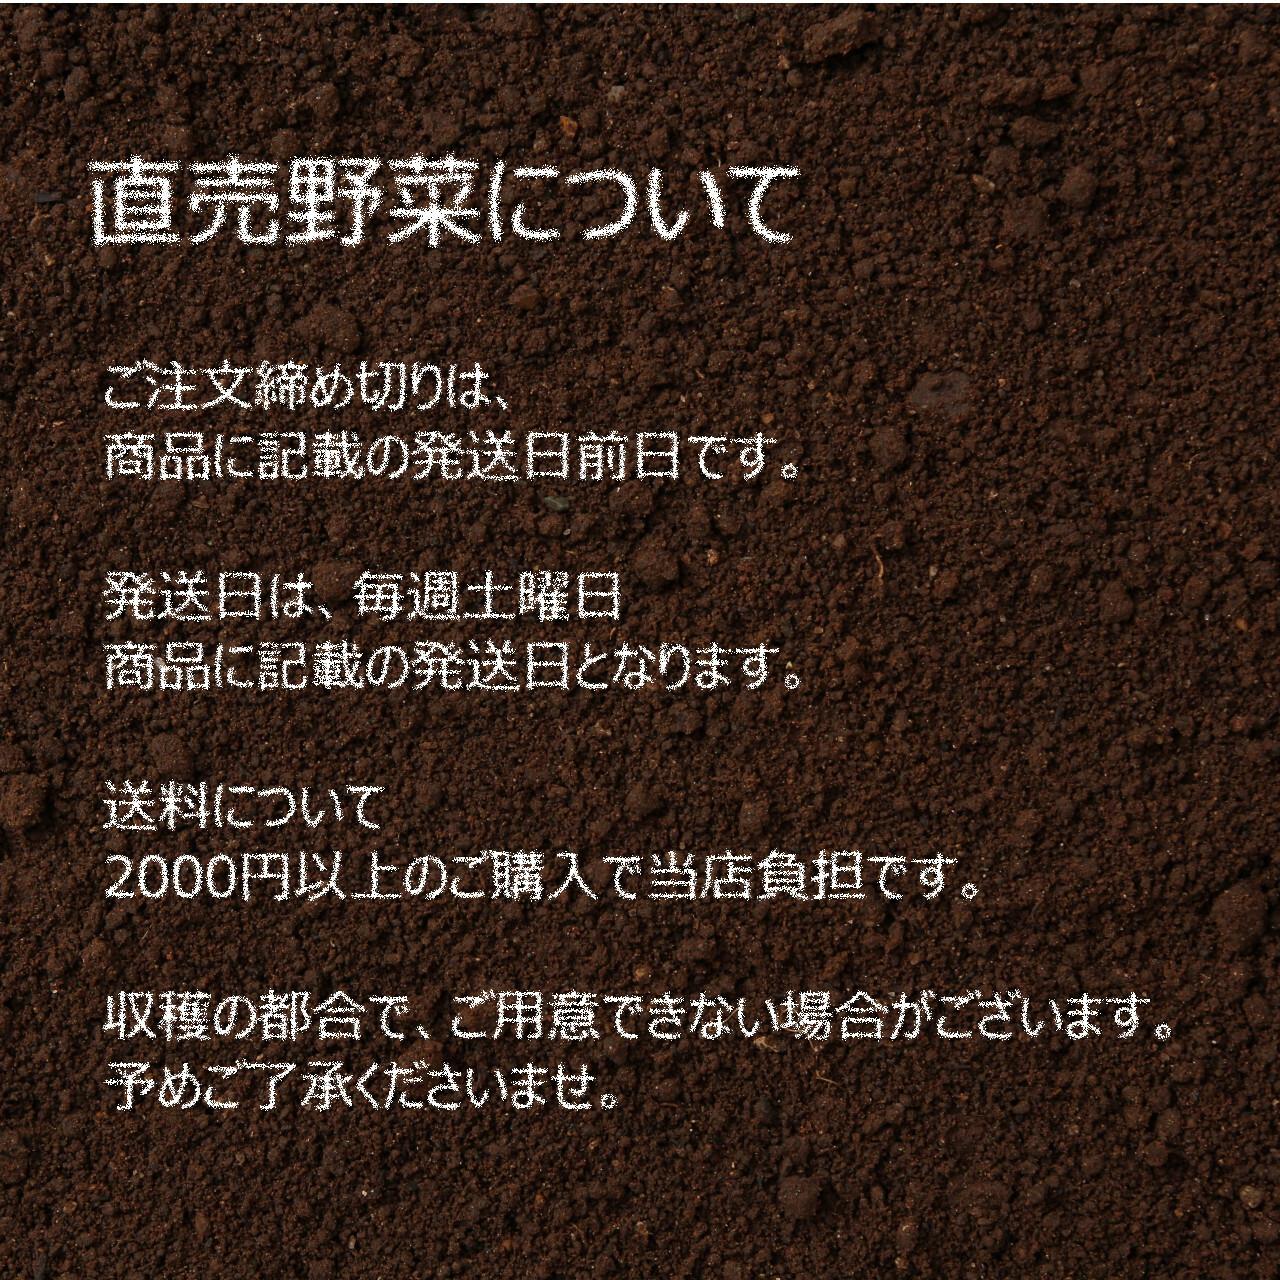 新鮮な秋野菜 : ミョウガ 約100g 9月の朝採り直売野菜 9月12日発送予定